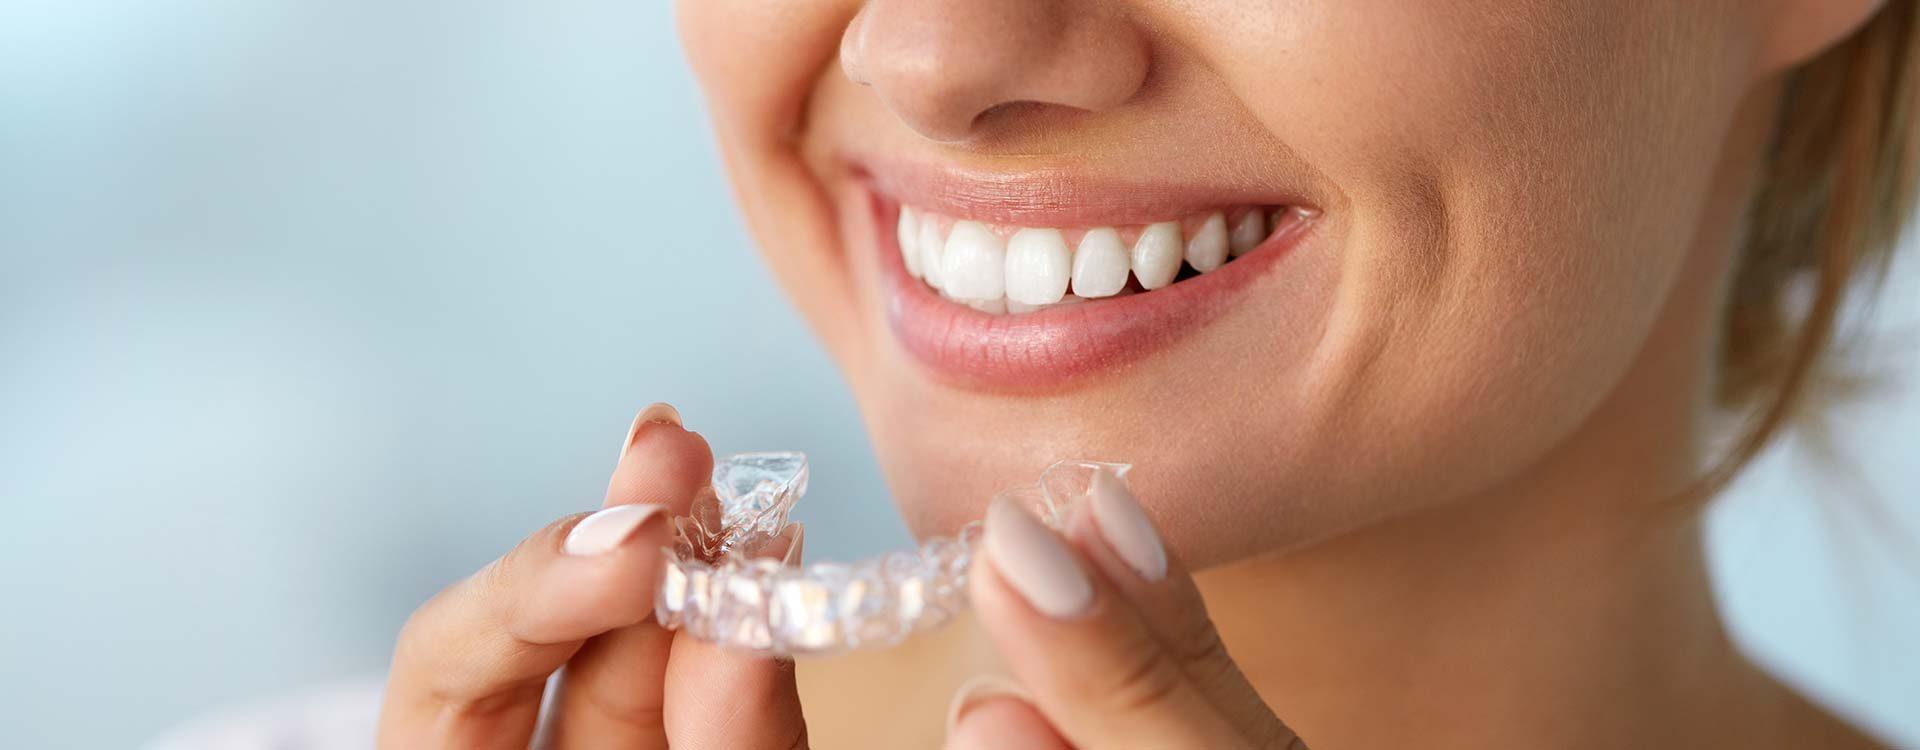 Invisalign en boadilla, ortodoncia transparente en boadilla, ortodoncia invisible en boadilla, ortodoncista en boadilla, clínica dental en boadilla, enderezar los dientes en boadilla, ortodoncia en boadilla, dentista en boadilla